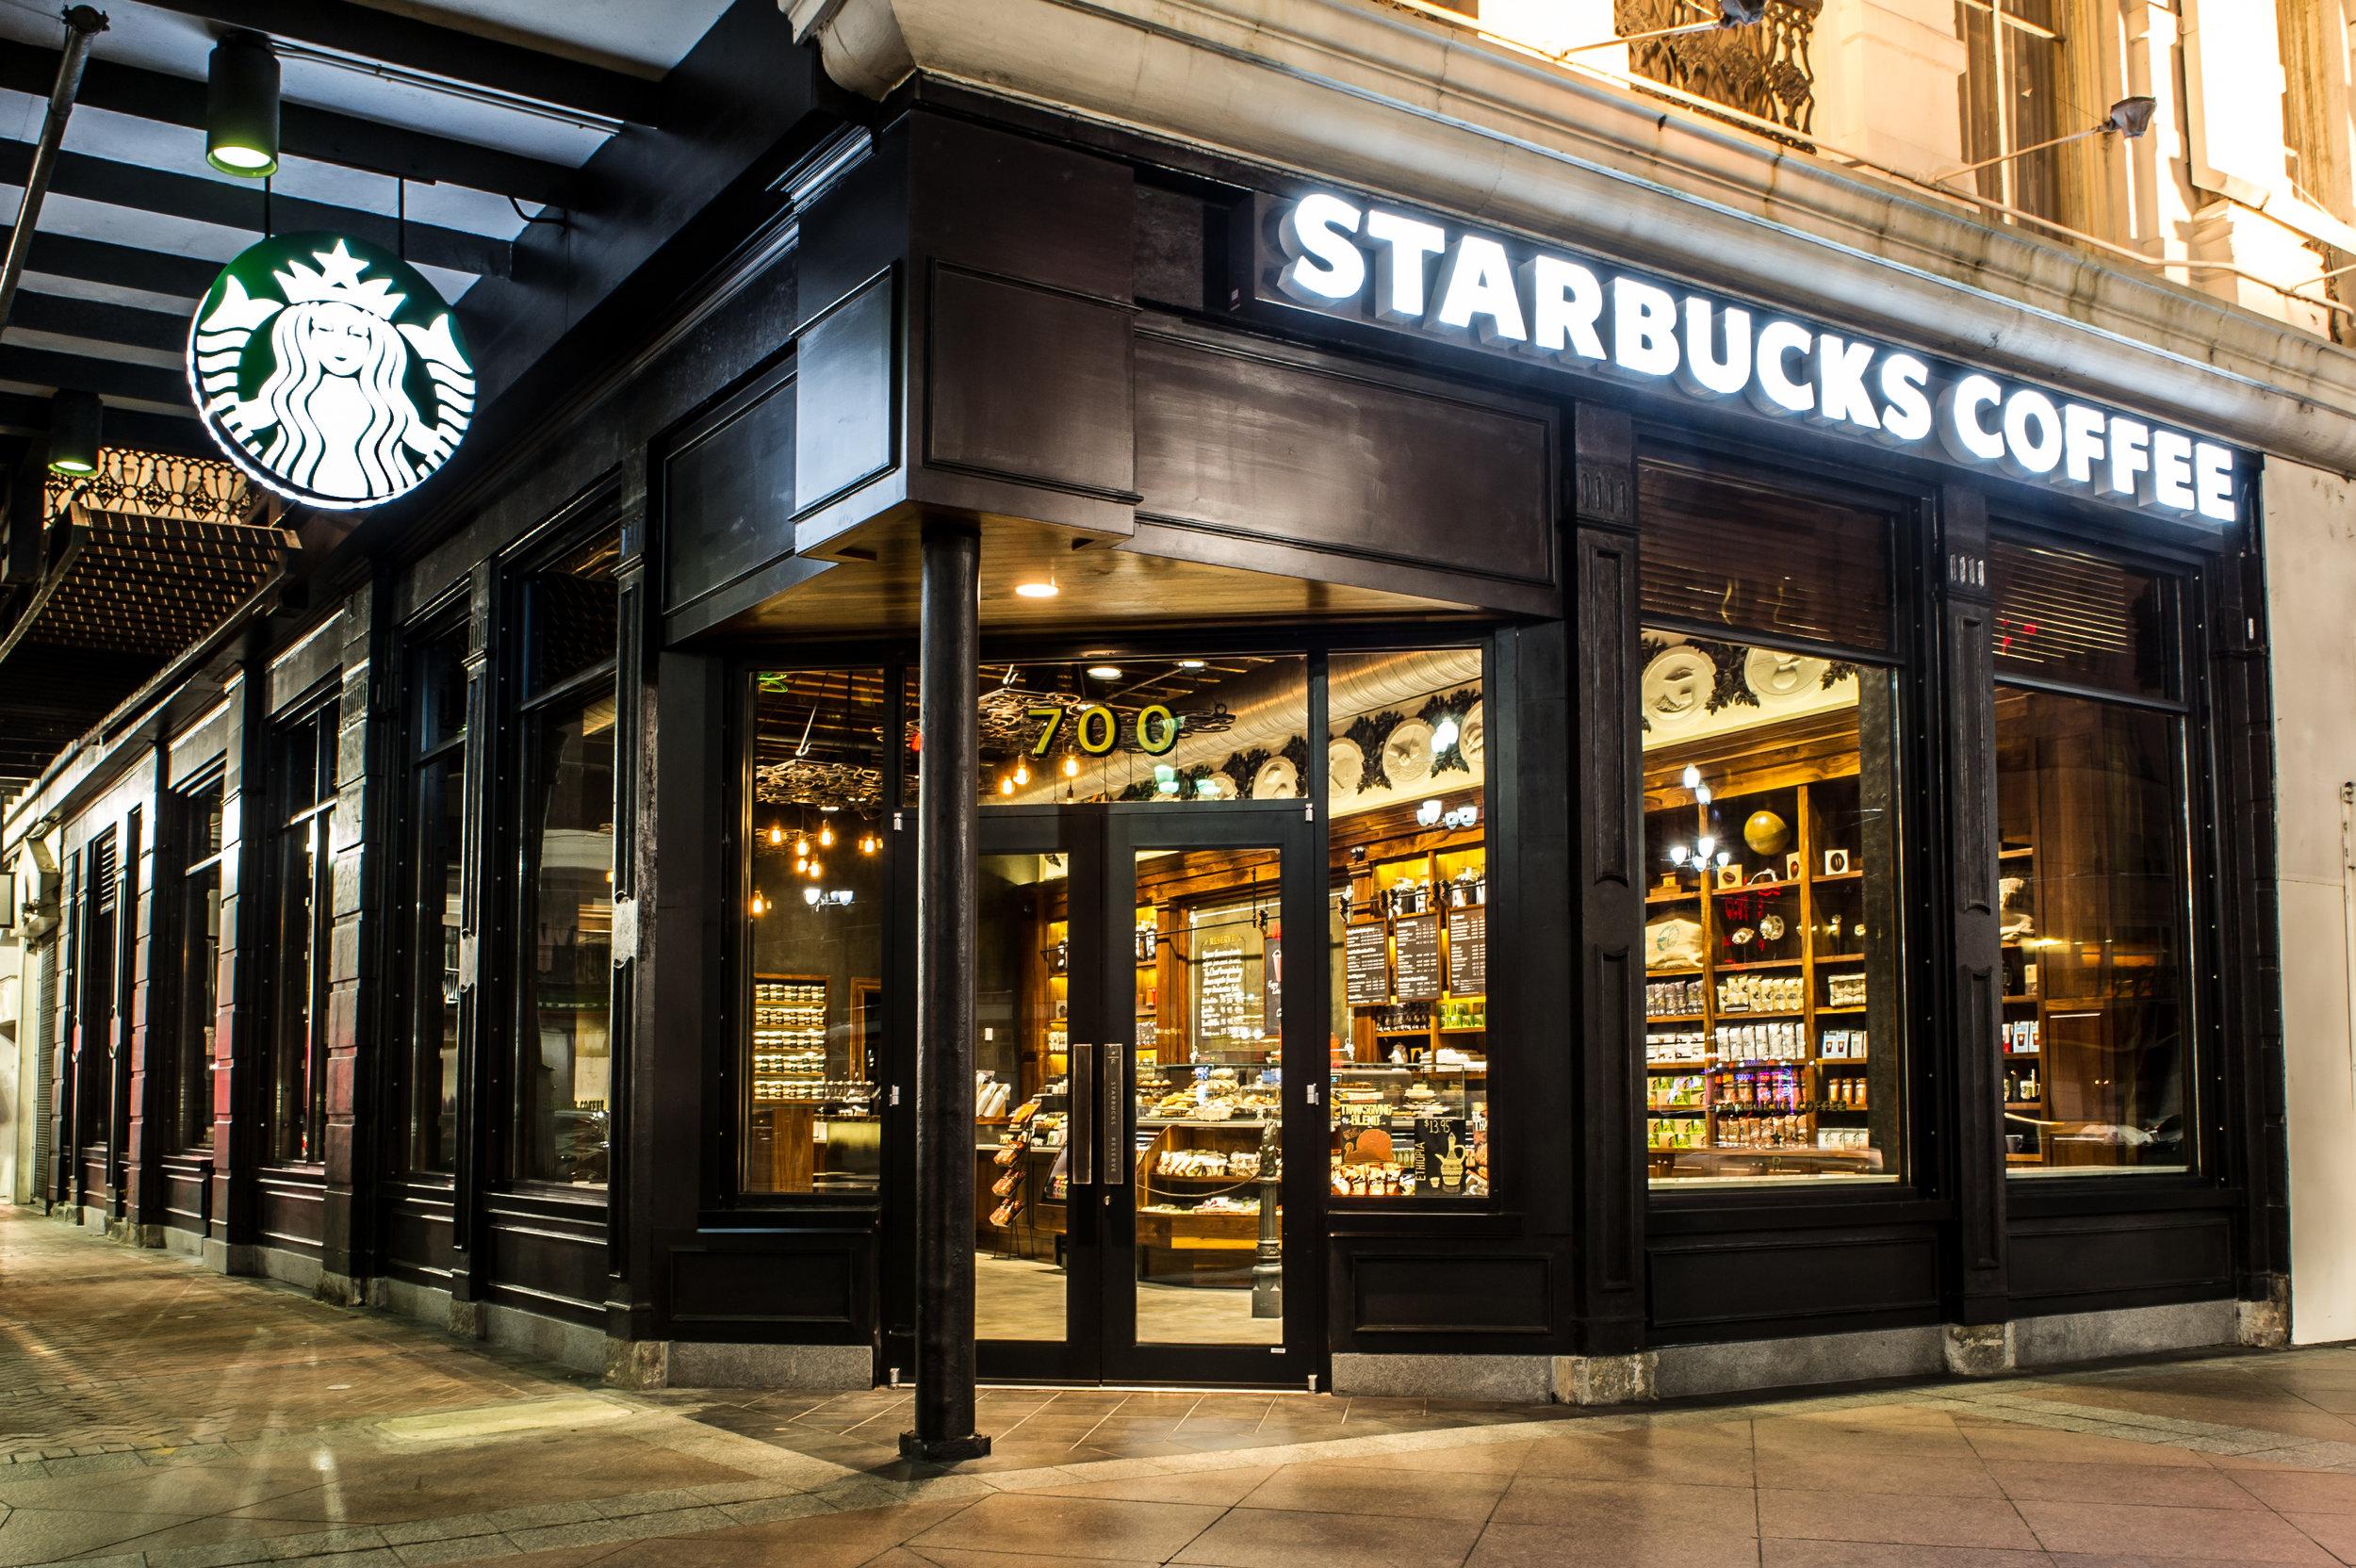 Outside Starbucks